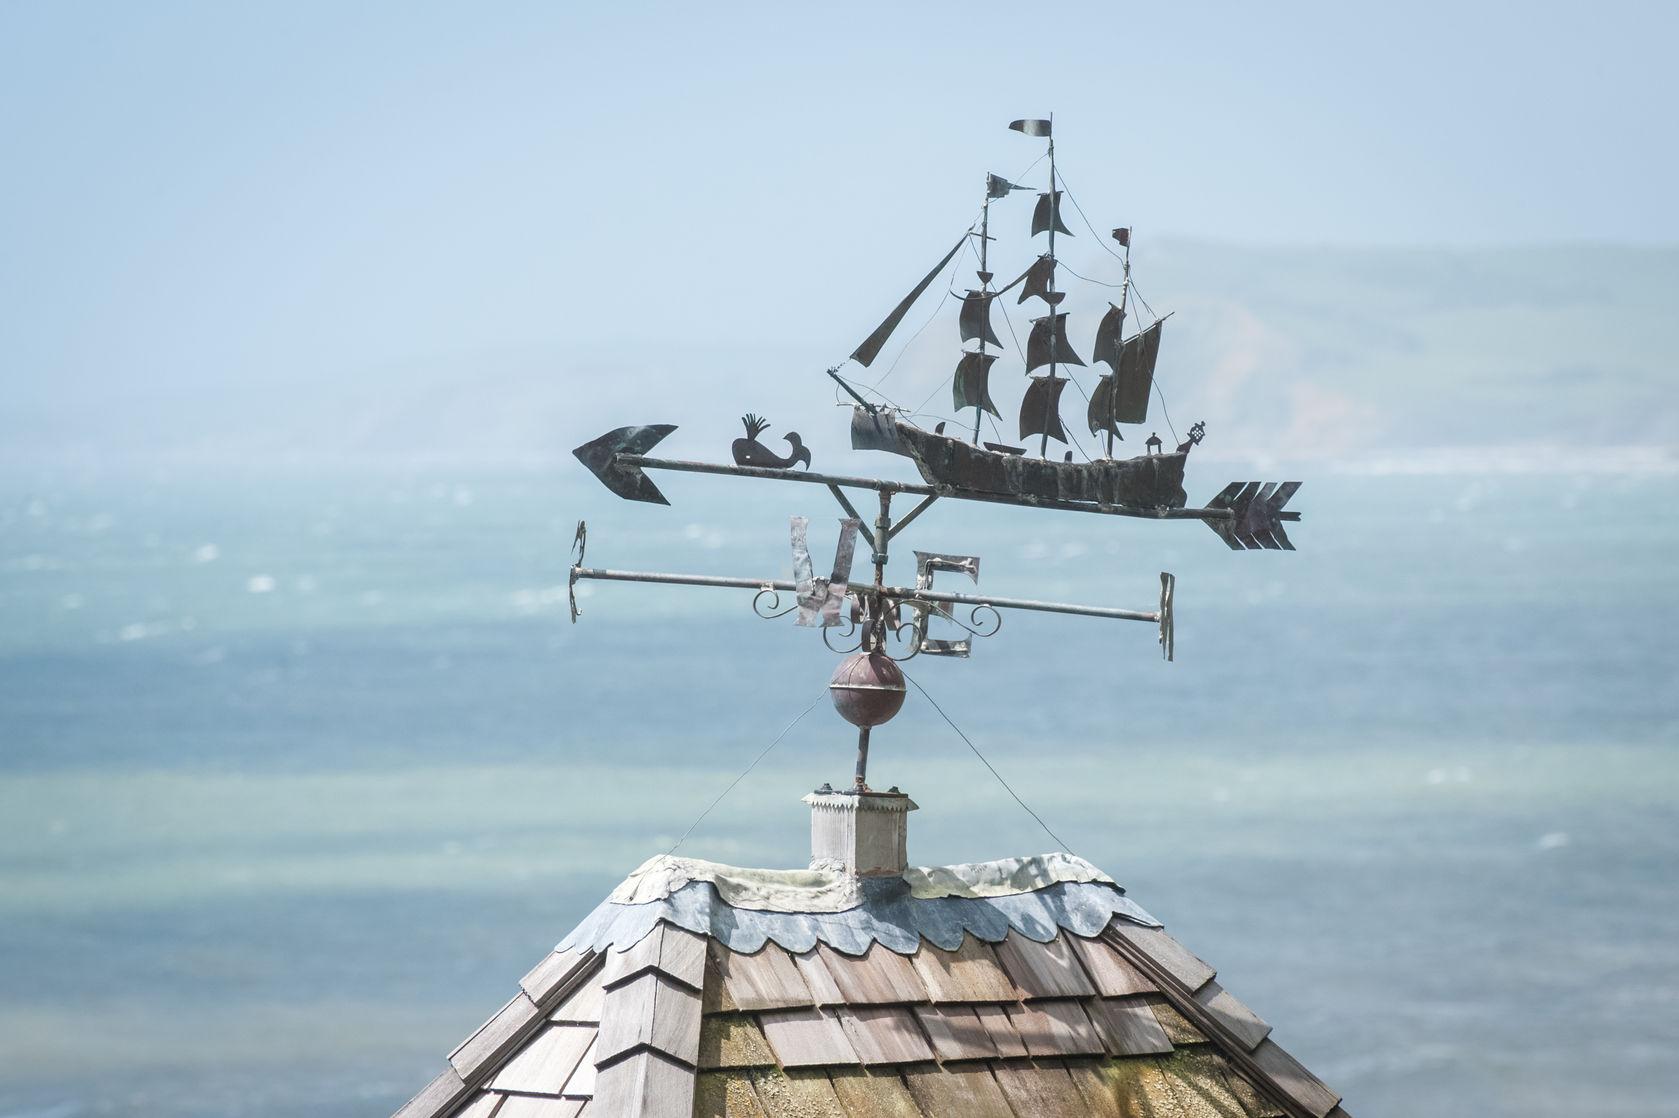 rooftop weathervane overlooking coastline